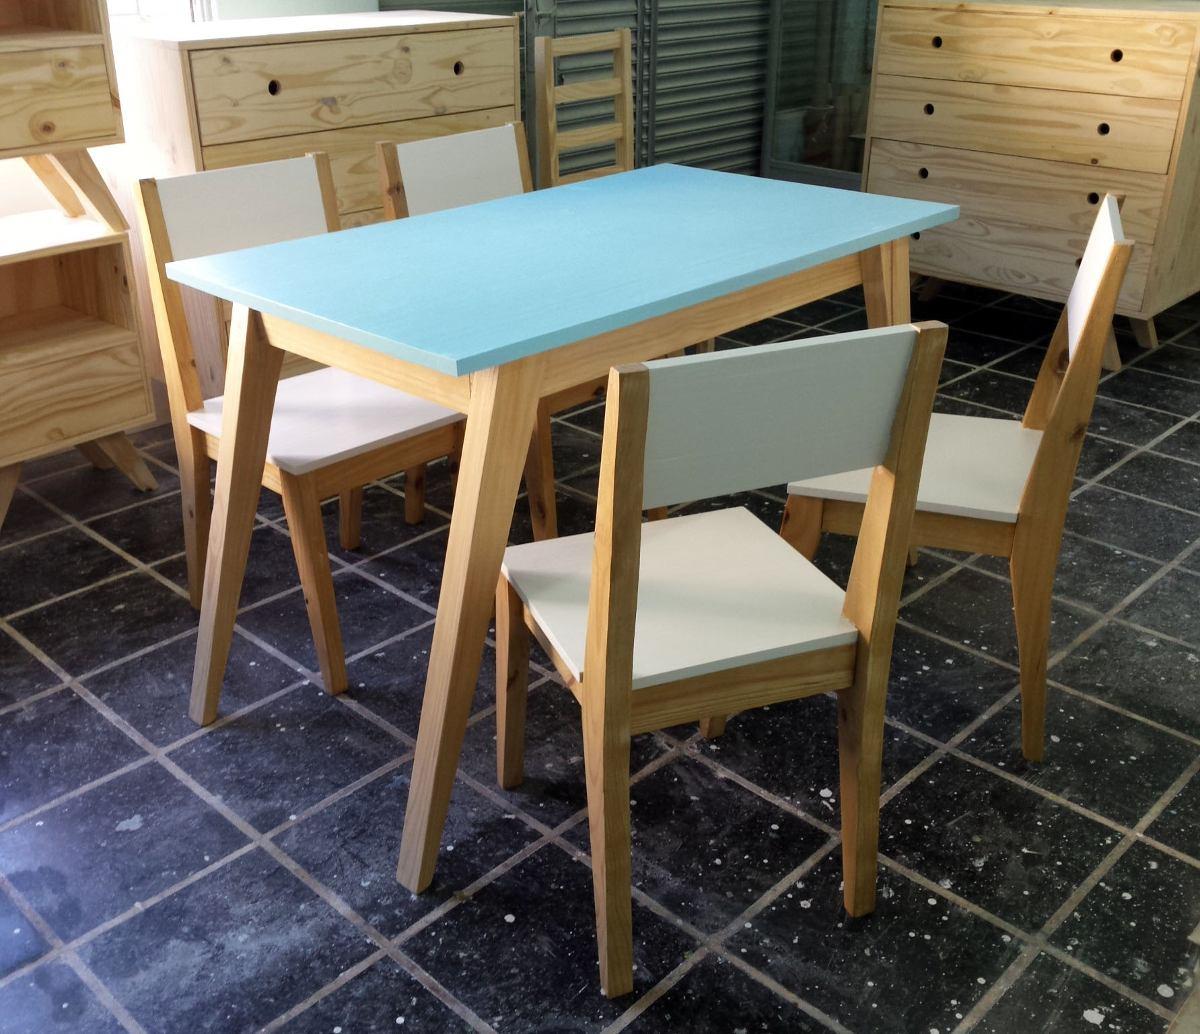 mesa comedor diseo nordico escandinavo pino x with mesas comedor estilo nordico